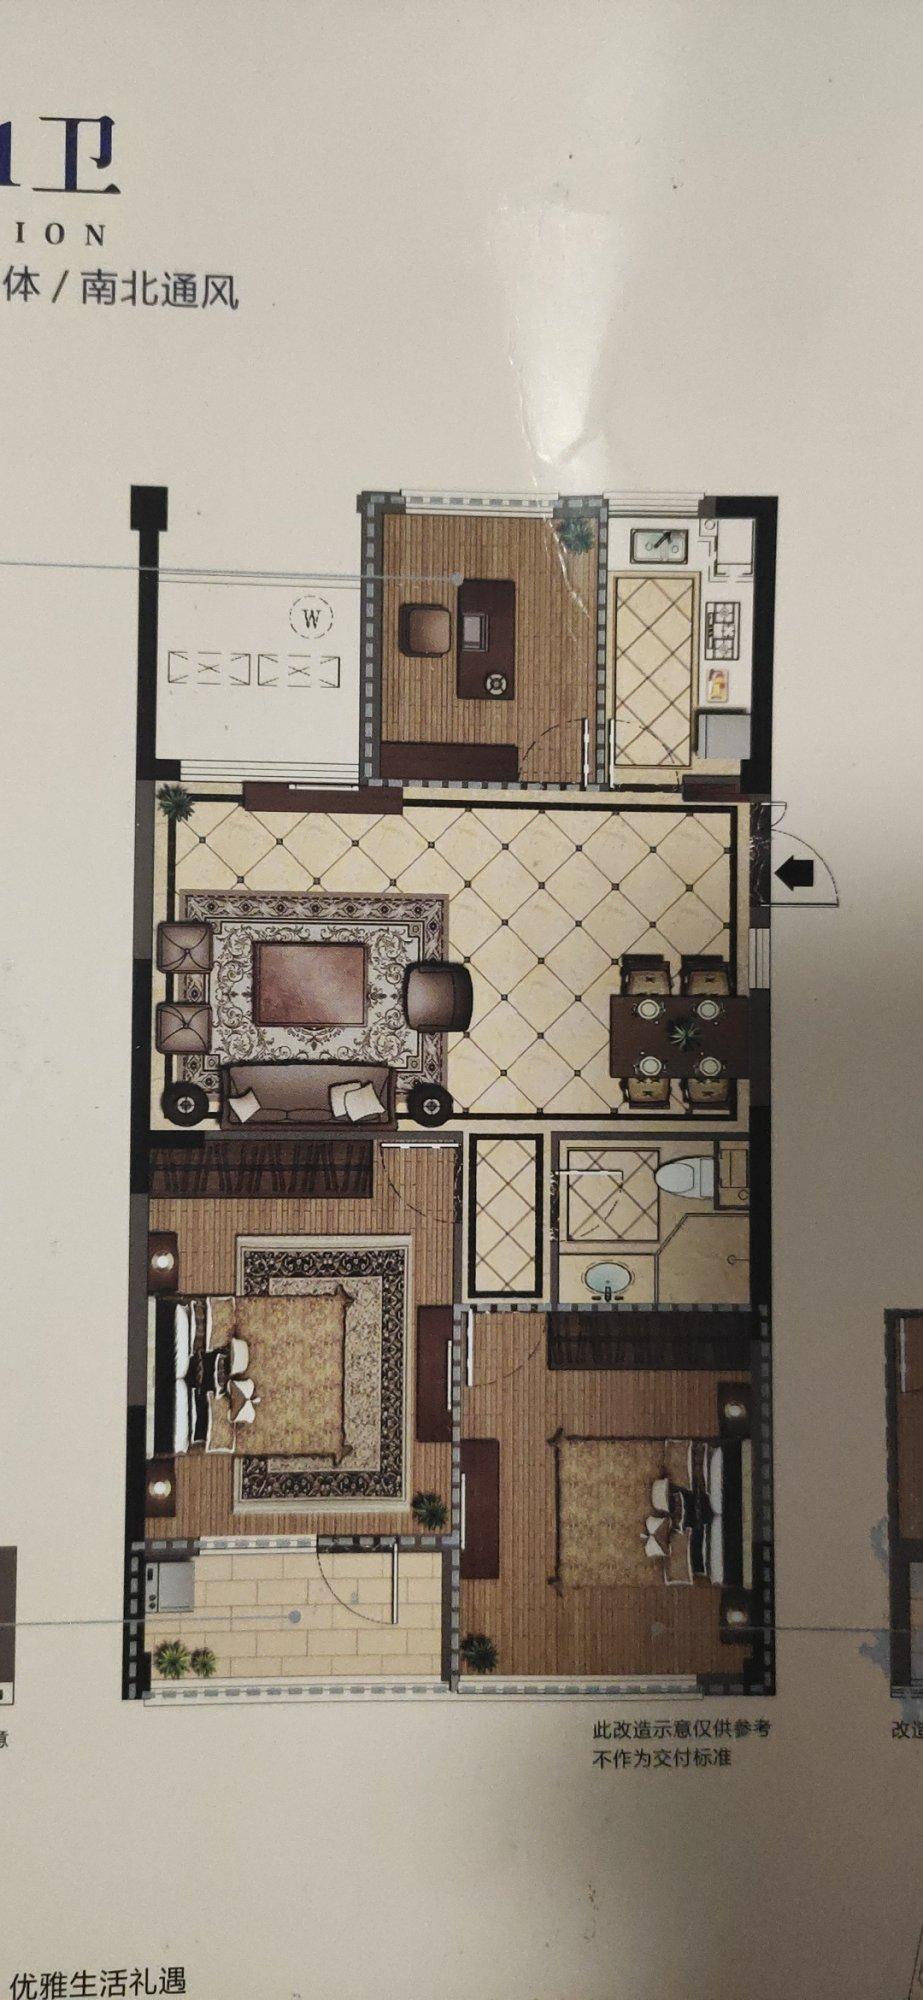 厕所和客厅不知道怎么乐投letou官网备用了,客厅没阳台,厕所没窗户